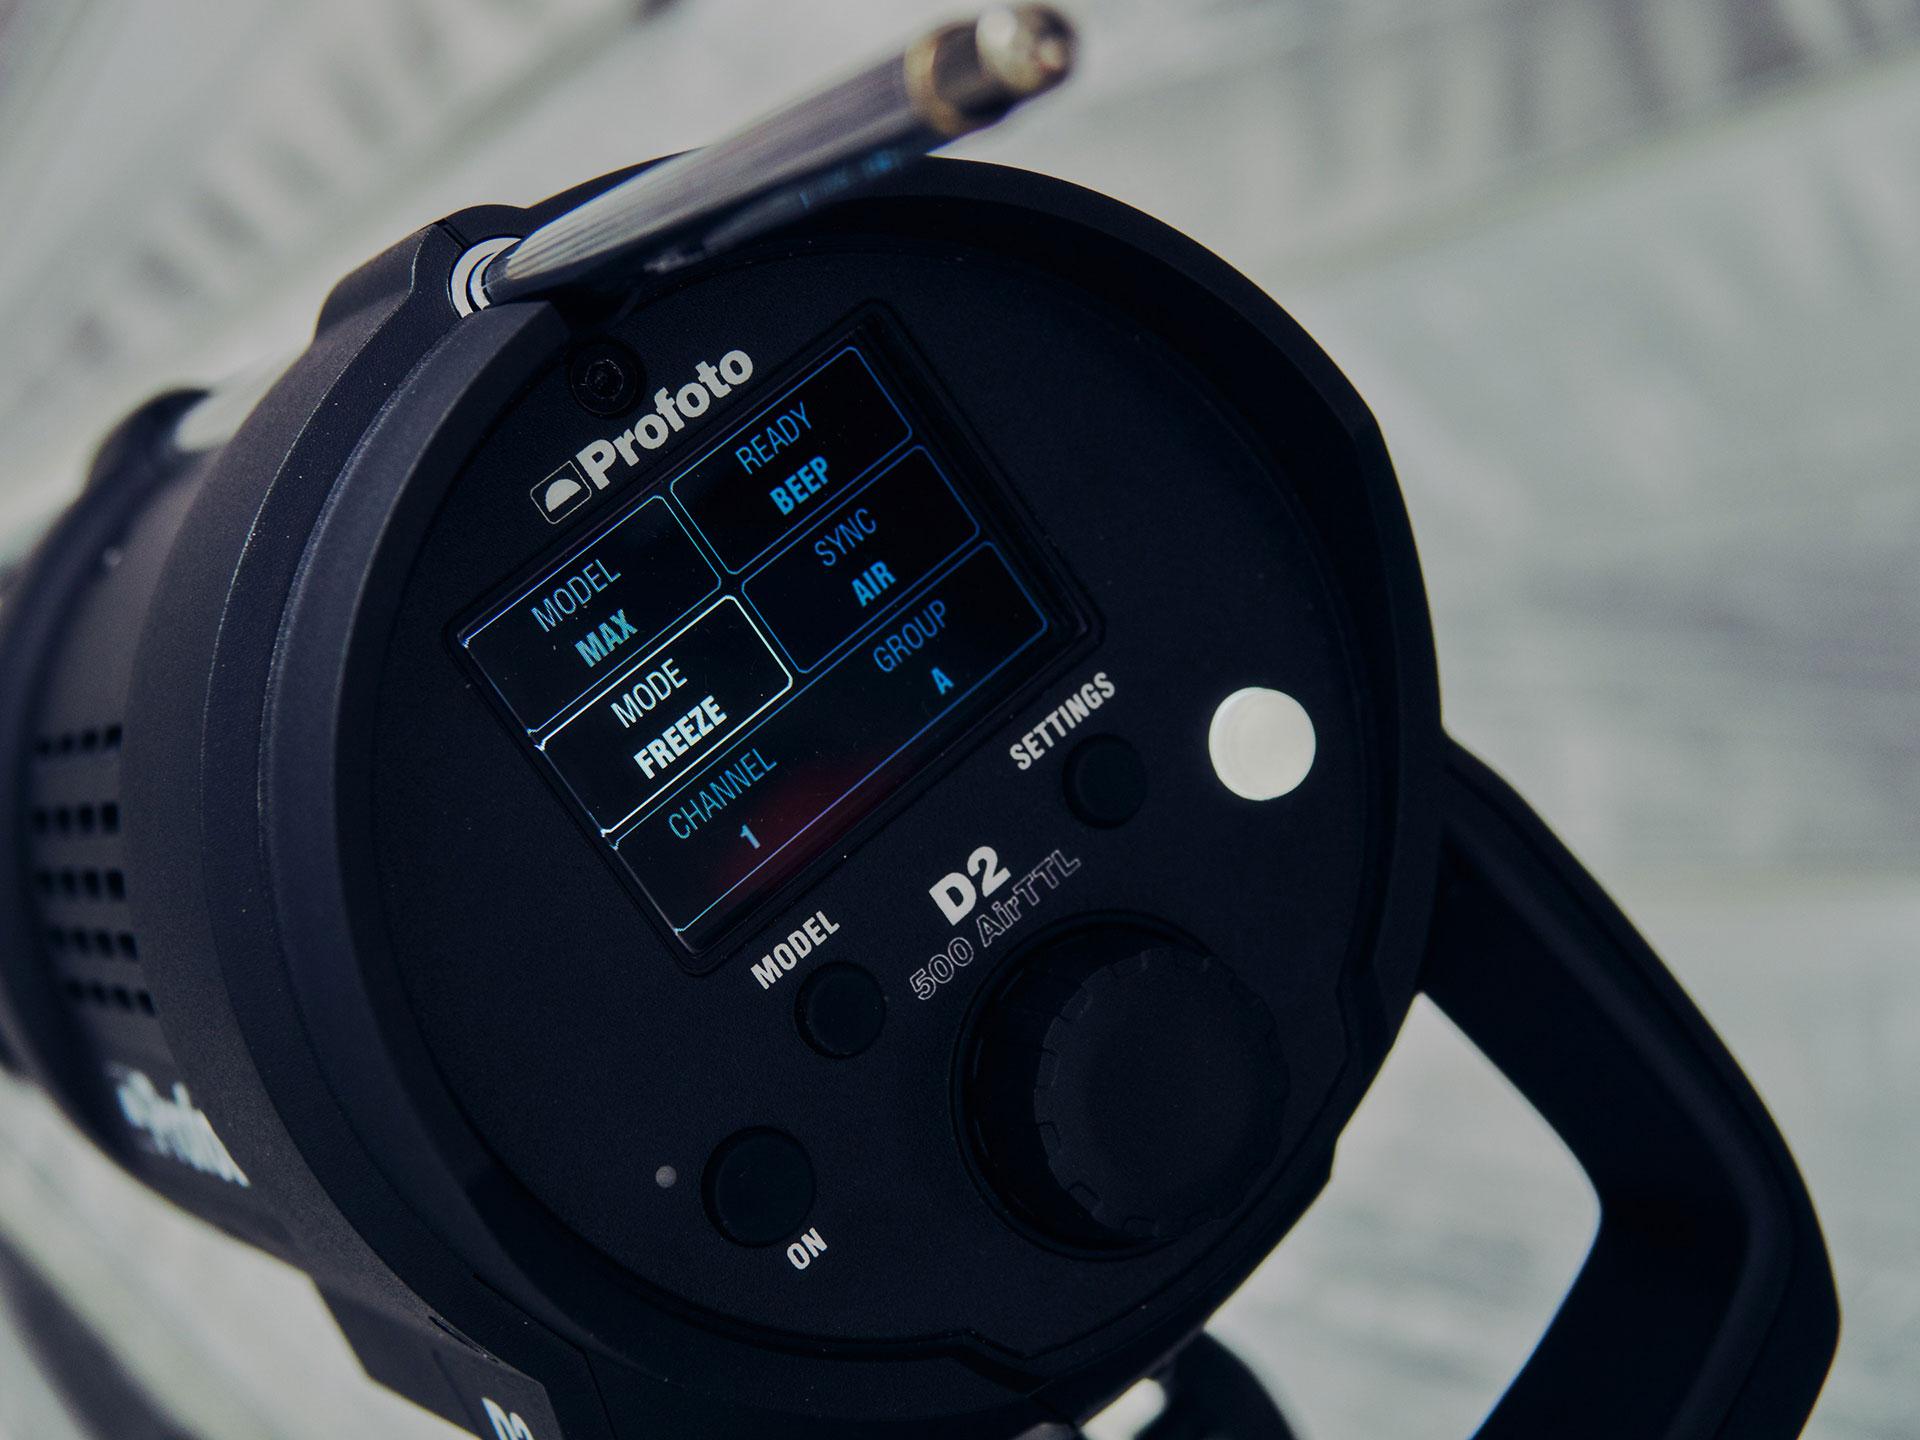 Czas błysku w Profoto D2 wynosi 1/3500 s. w normalnym trybie i 1/7400 s. w trybie freeze.